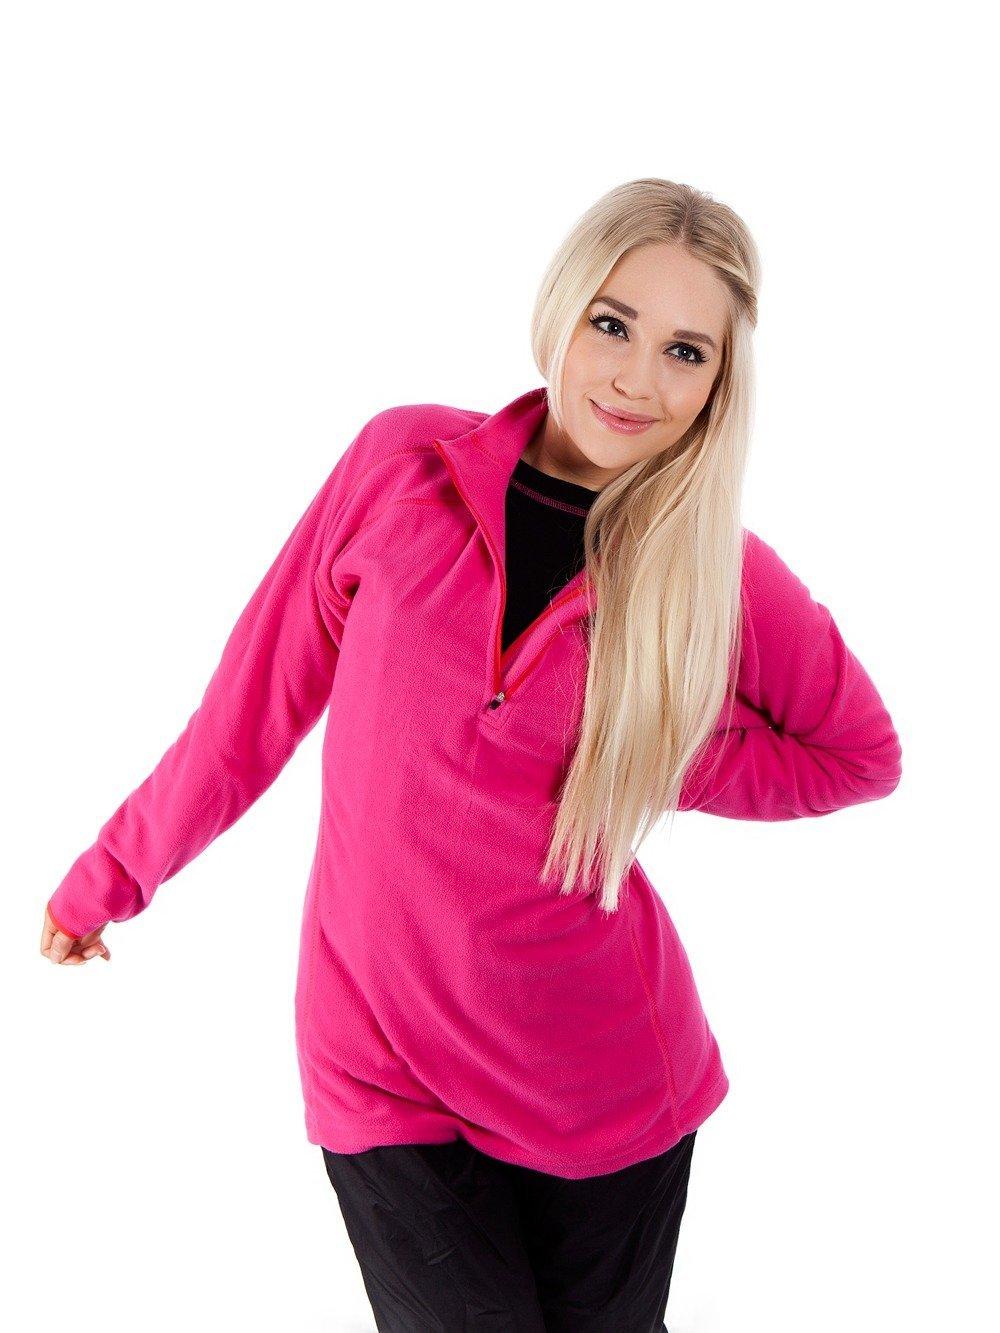 Typhoon st. moritz fleece trøje dame fra Typhoon på billigsport24